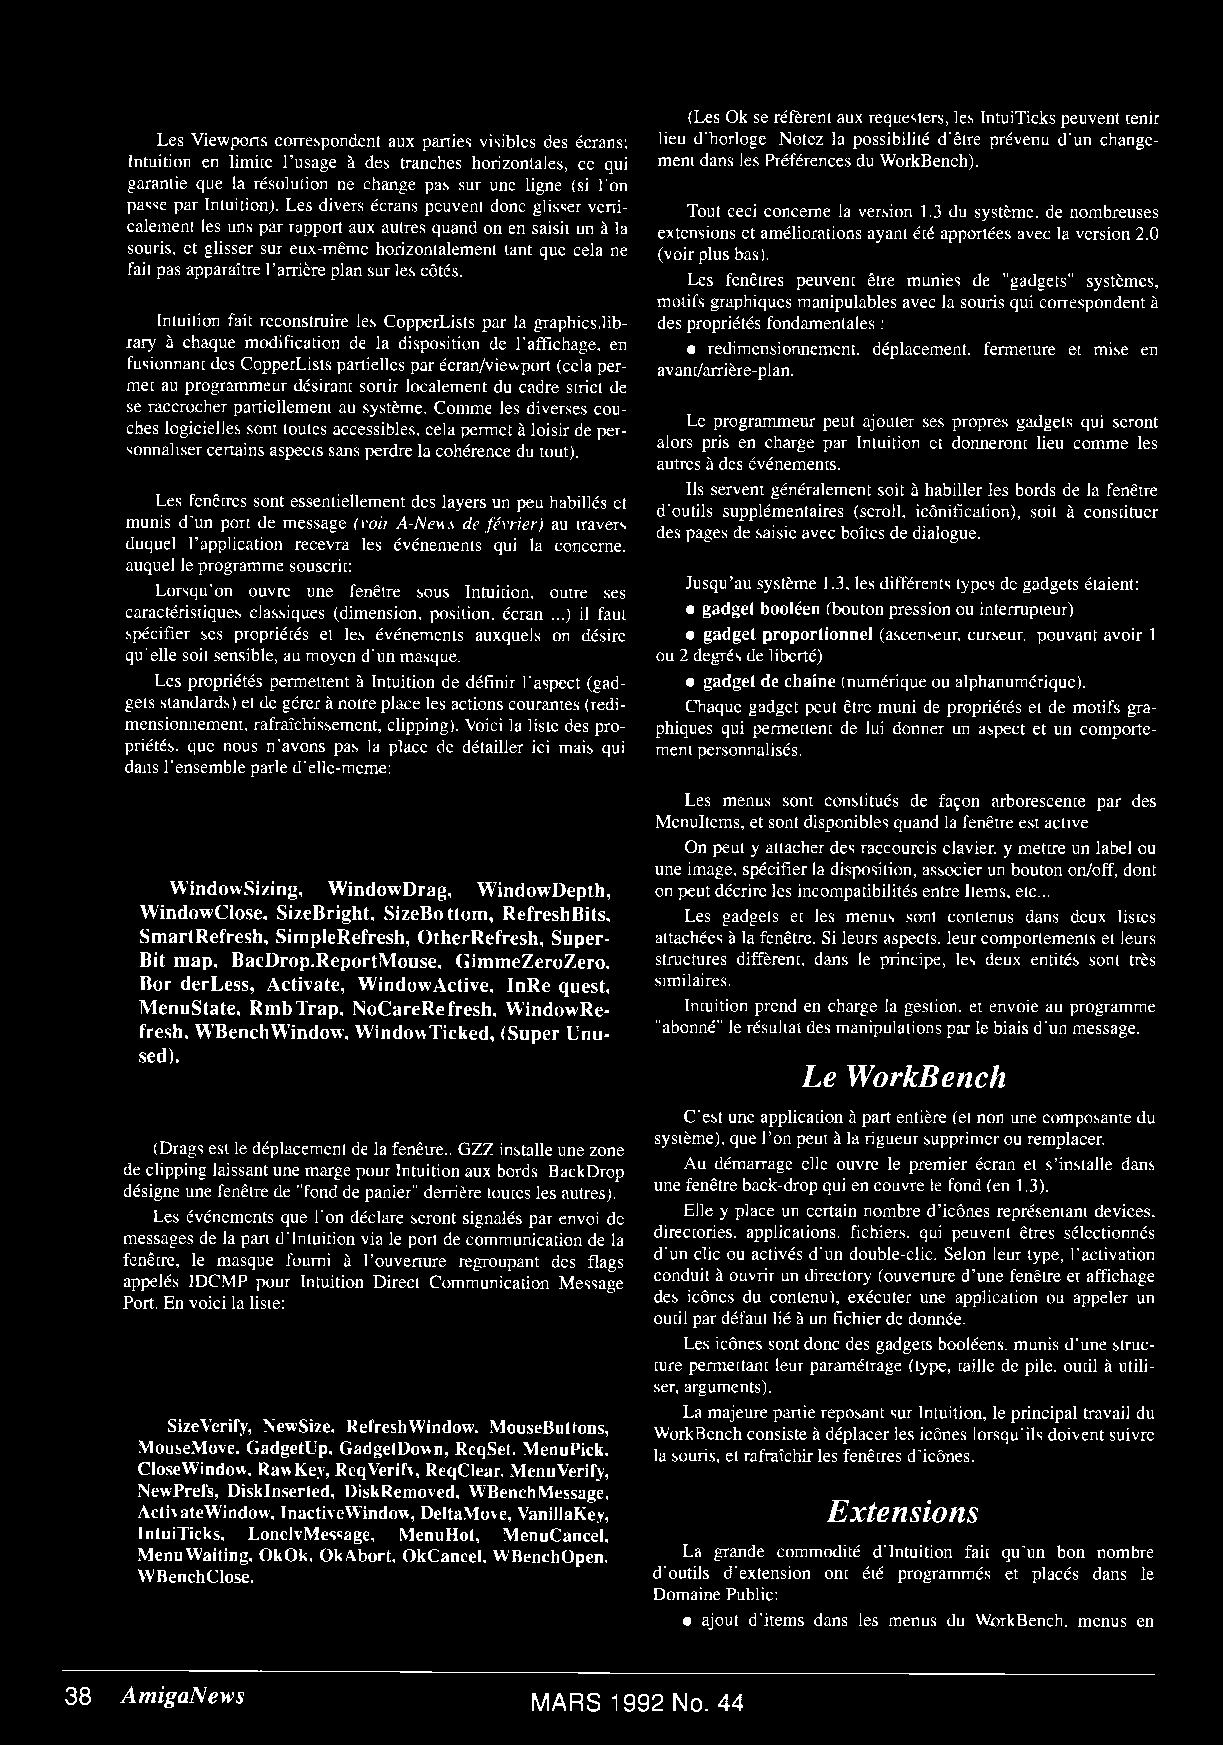 Protège Canapé Anti Glisse Frais Photographie Résultat Supérieur 60 Impressionnant Si¨ge Informatique Ergonomique